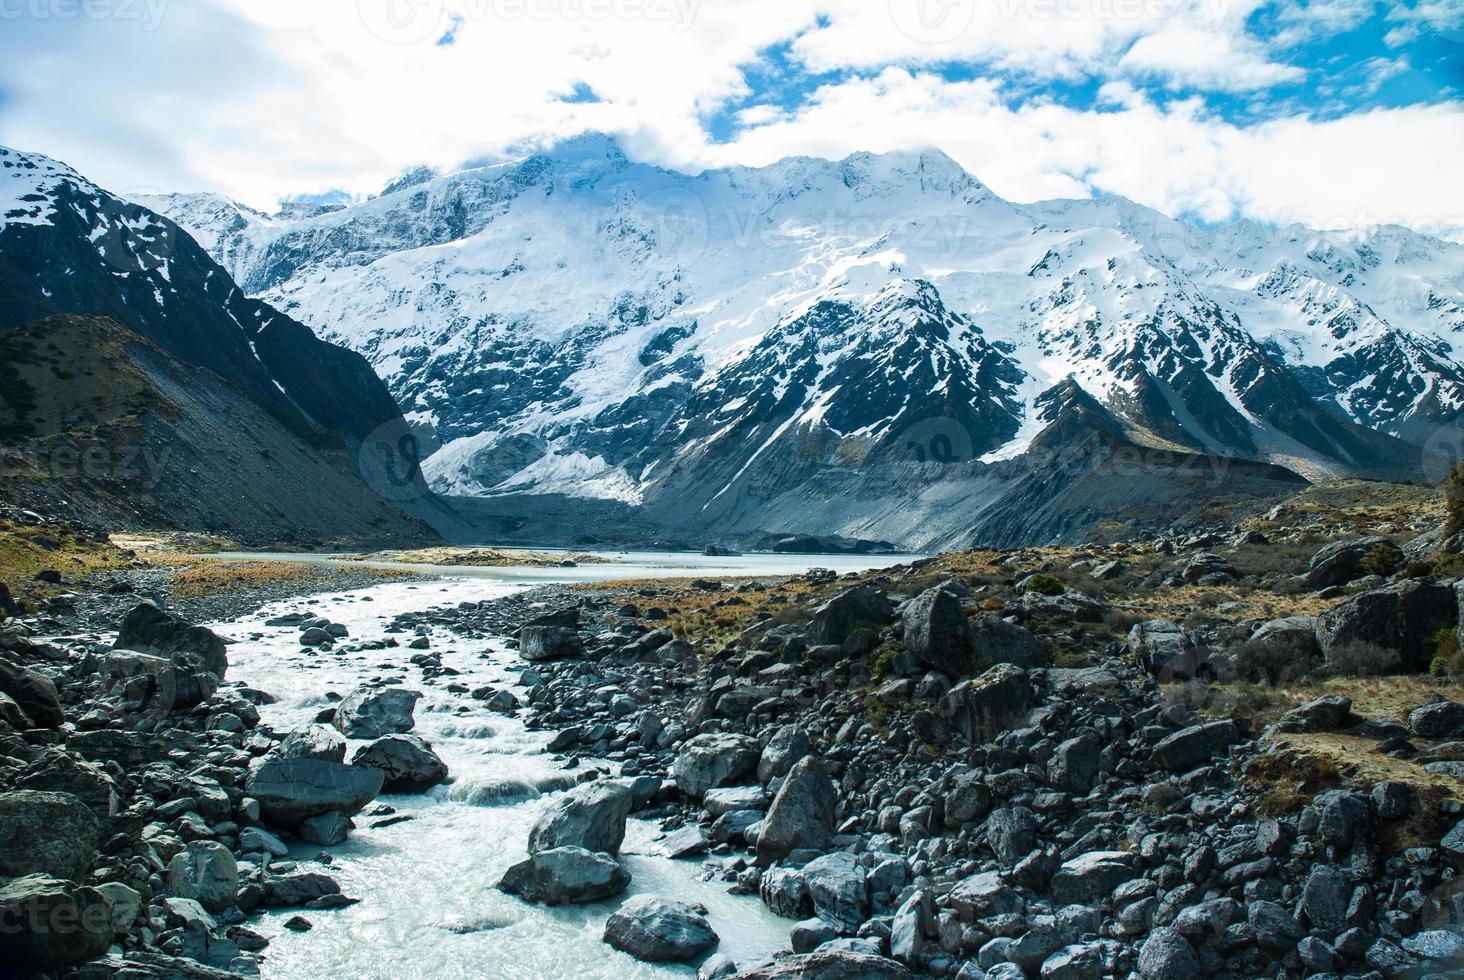 prachtig uitzicht en gletsjer in Mount Cook National Park, in het zuiden foto